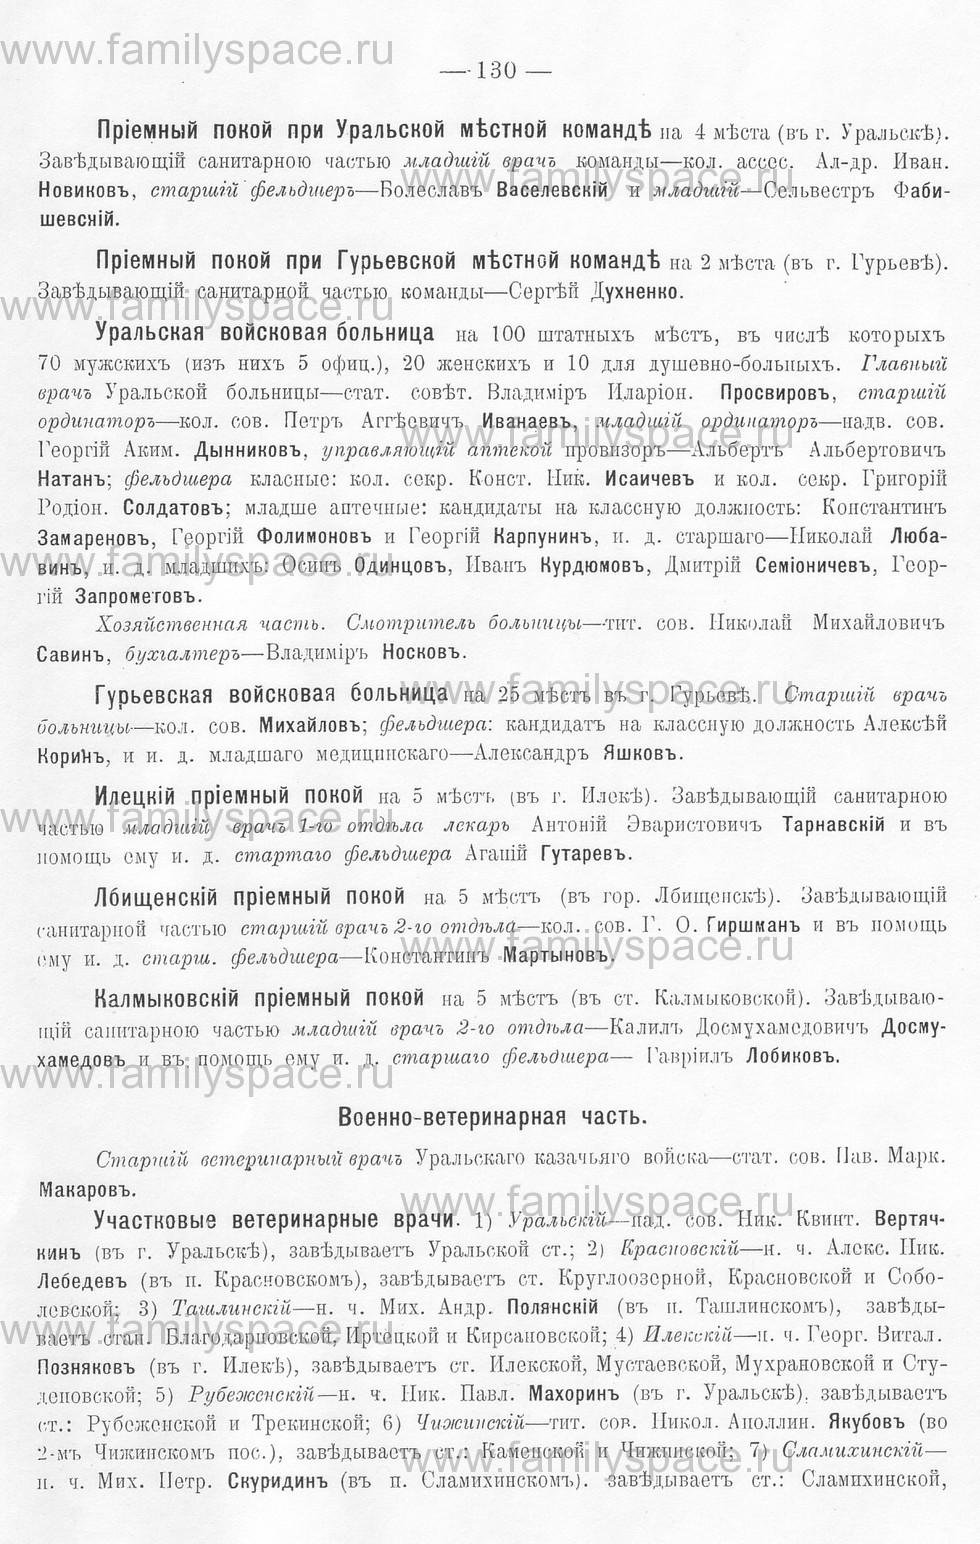 Поиск по фамилии - Памятная книжка Уральской области на 1913 год, страница 130